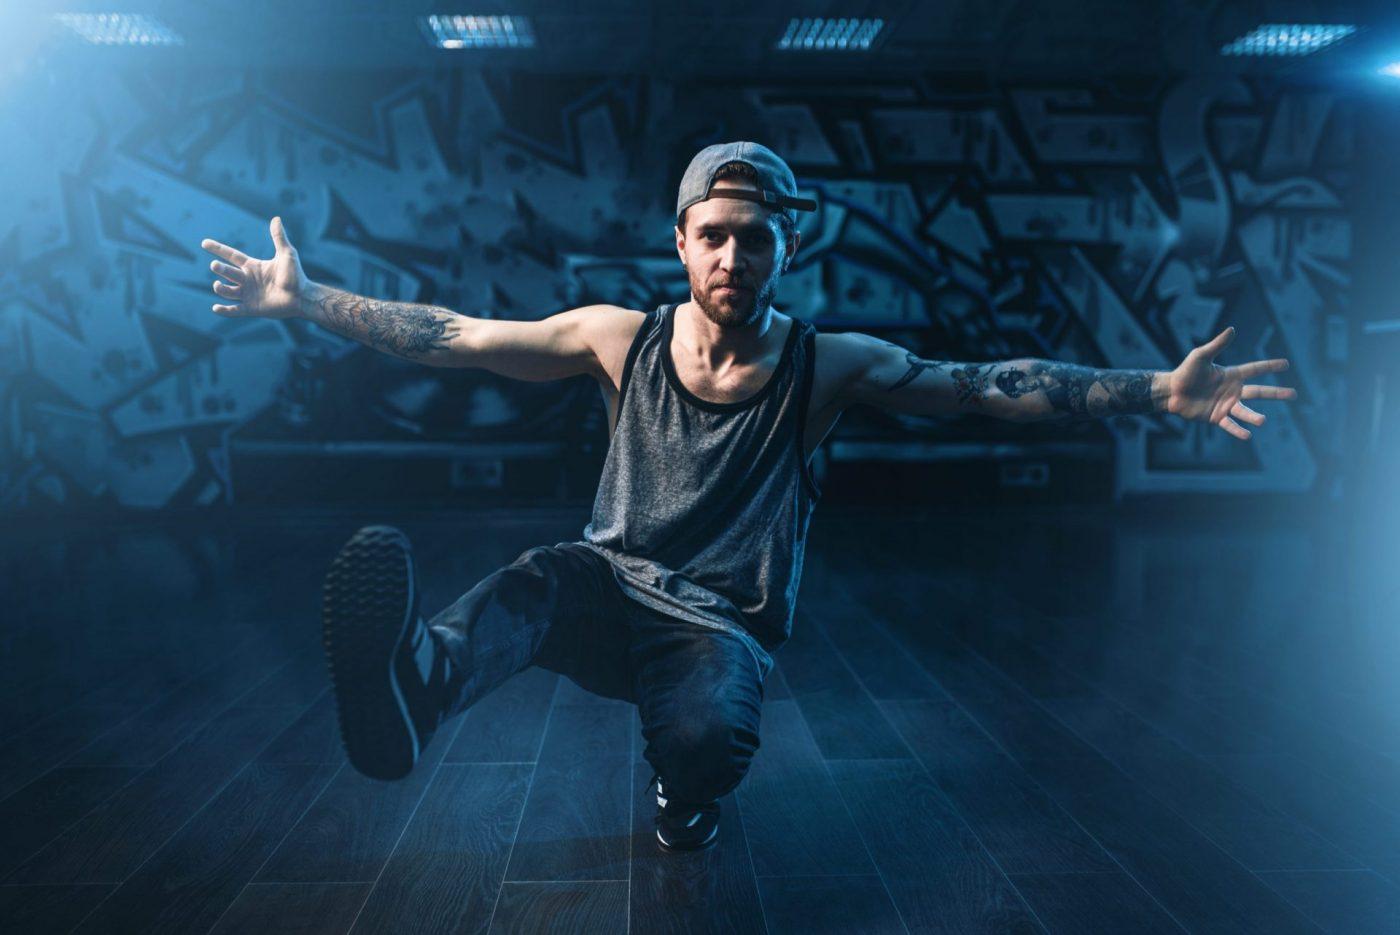 reggaeton wat zijn de 6 belangrijkste elementen SkillsUni